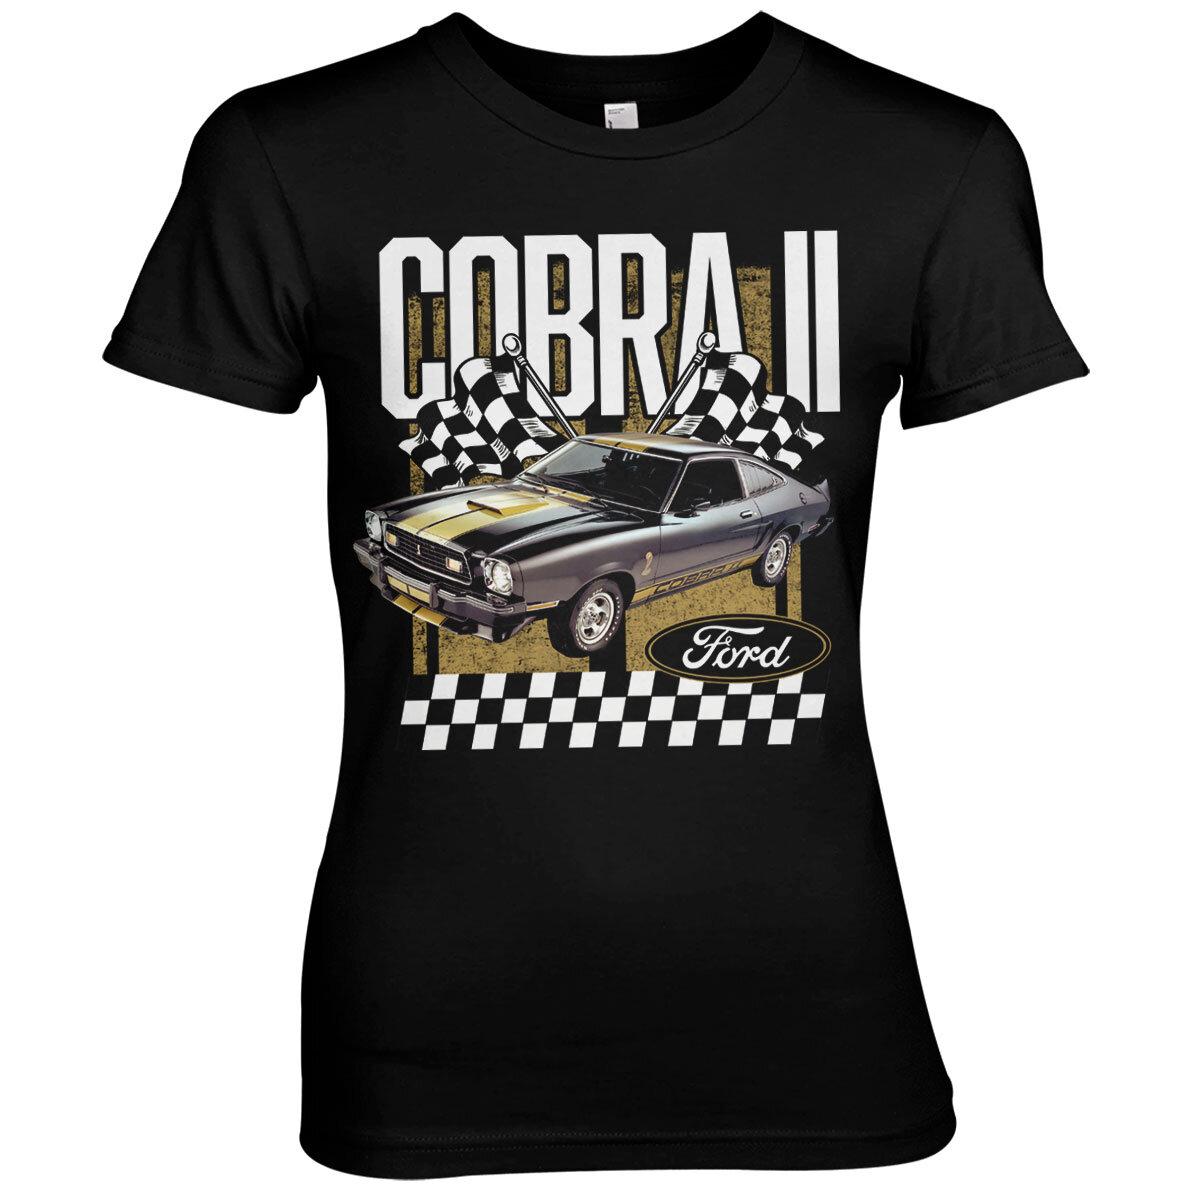 Ford Cobra II Girly Tee